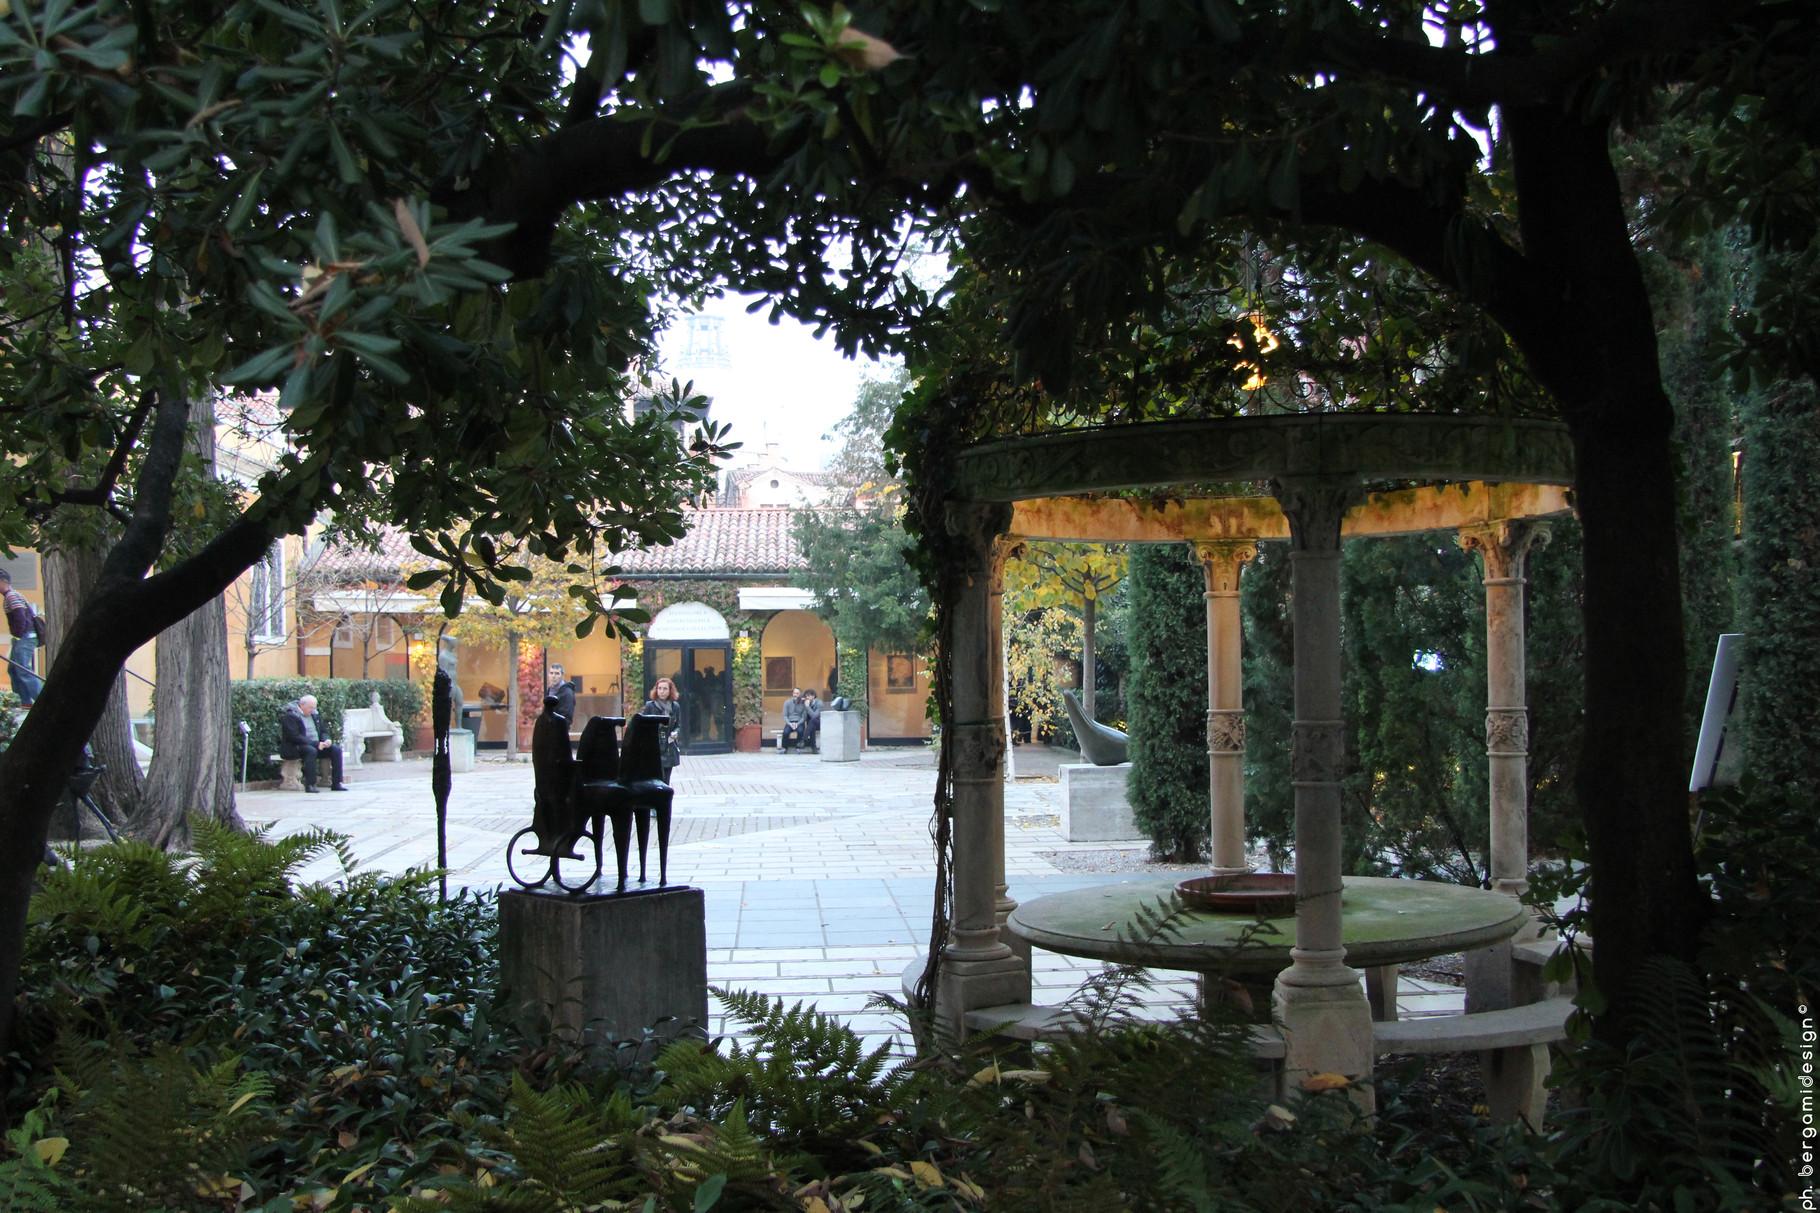 Giardino del Peggy Guggenheim Museum